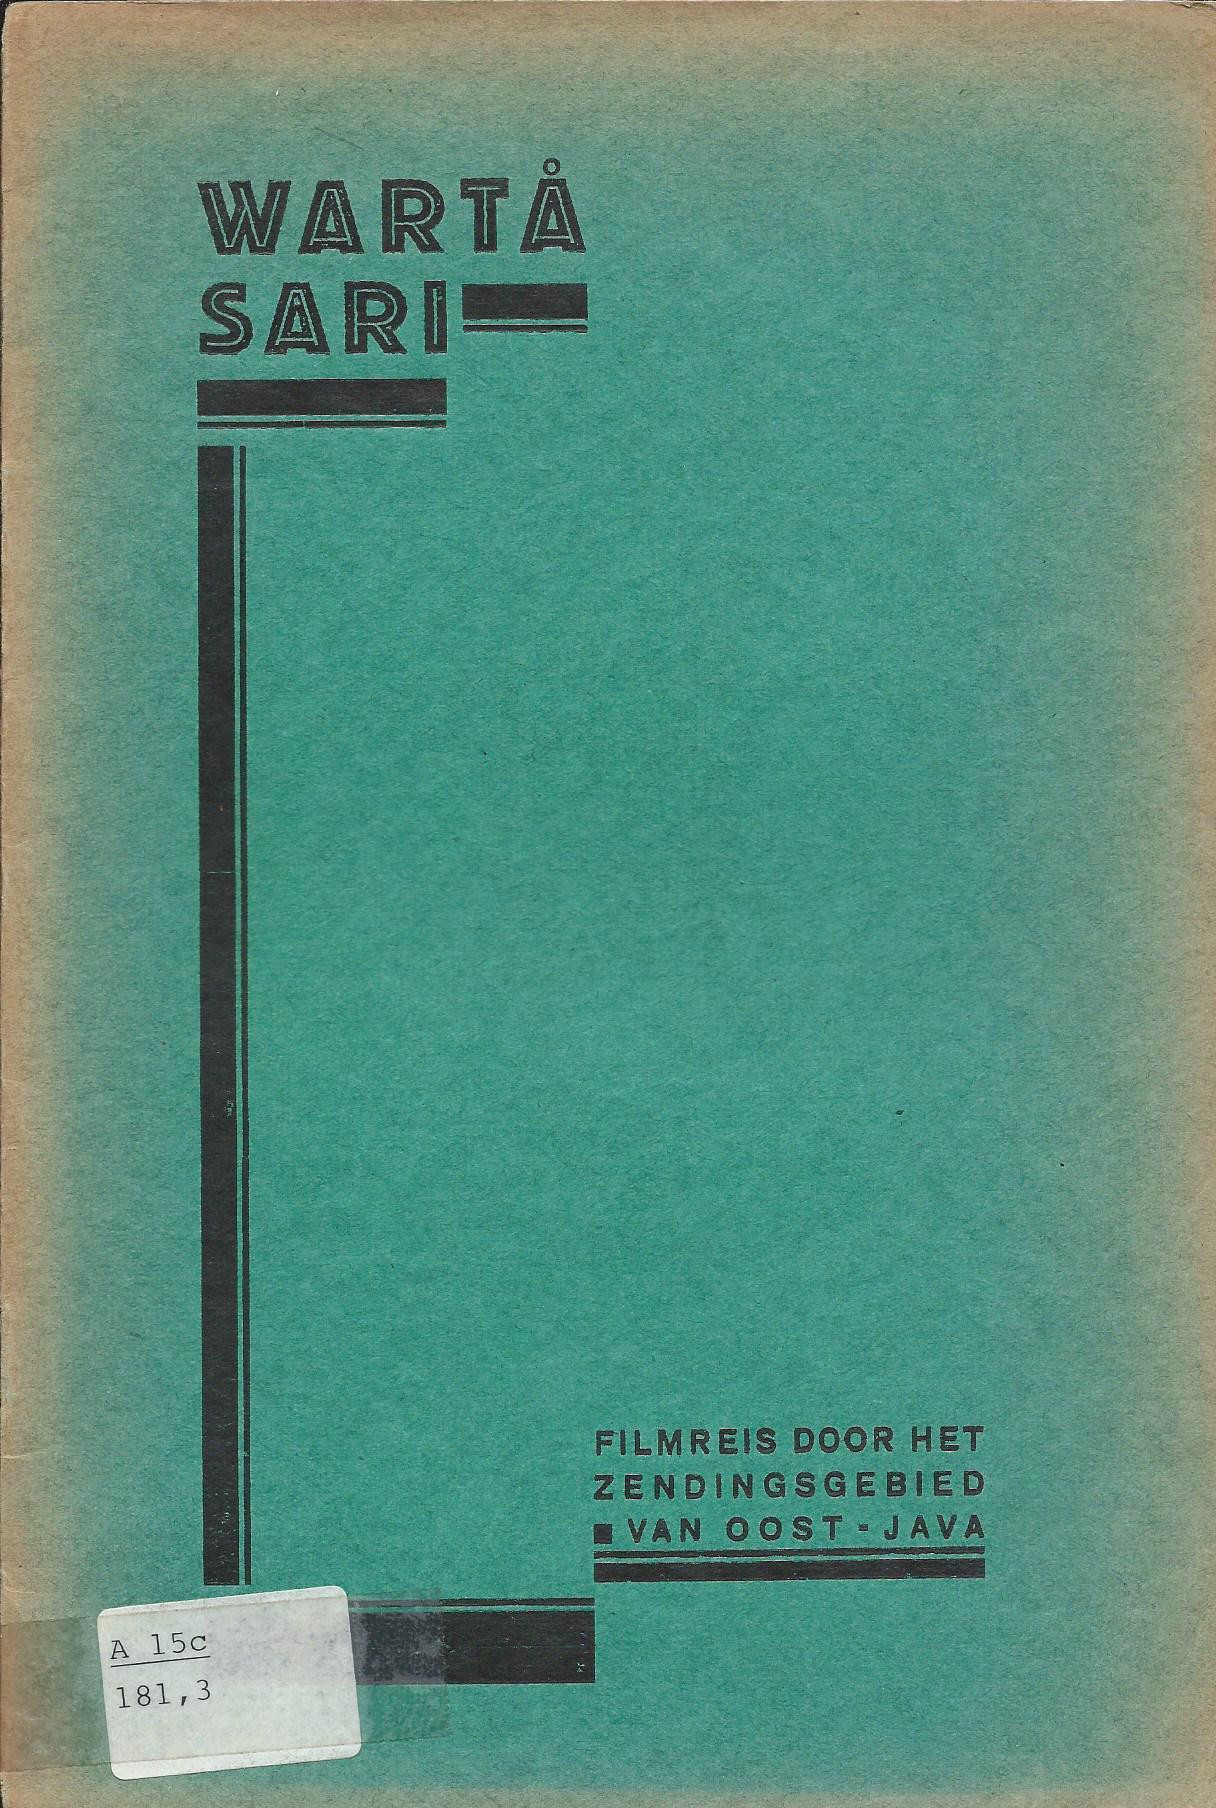 warta sari